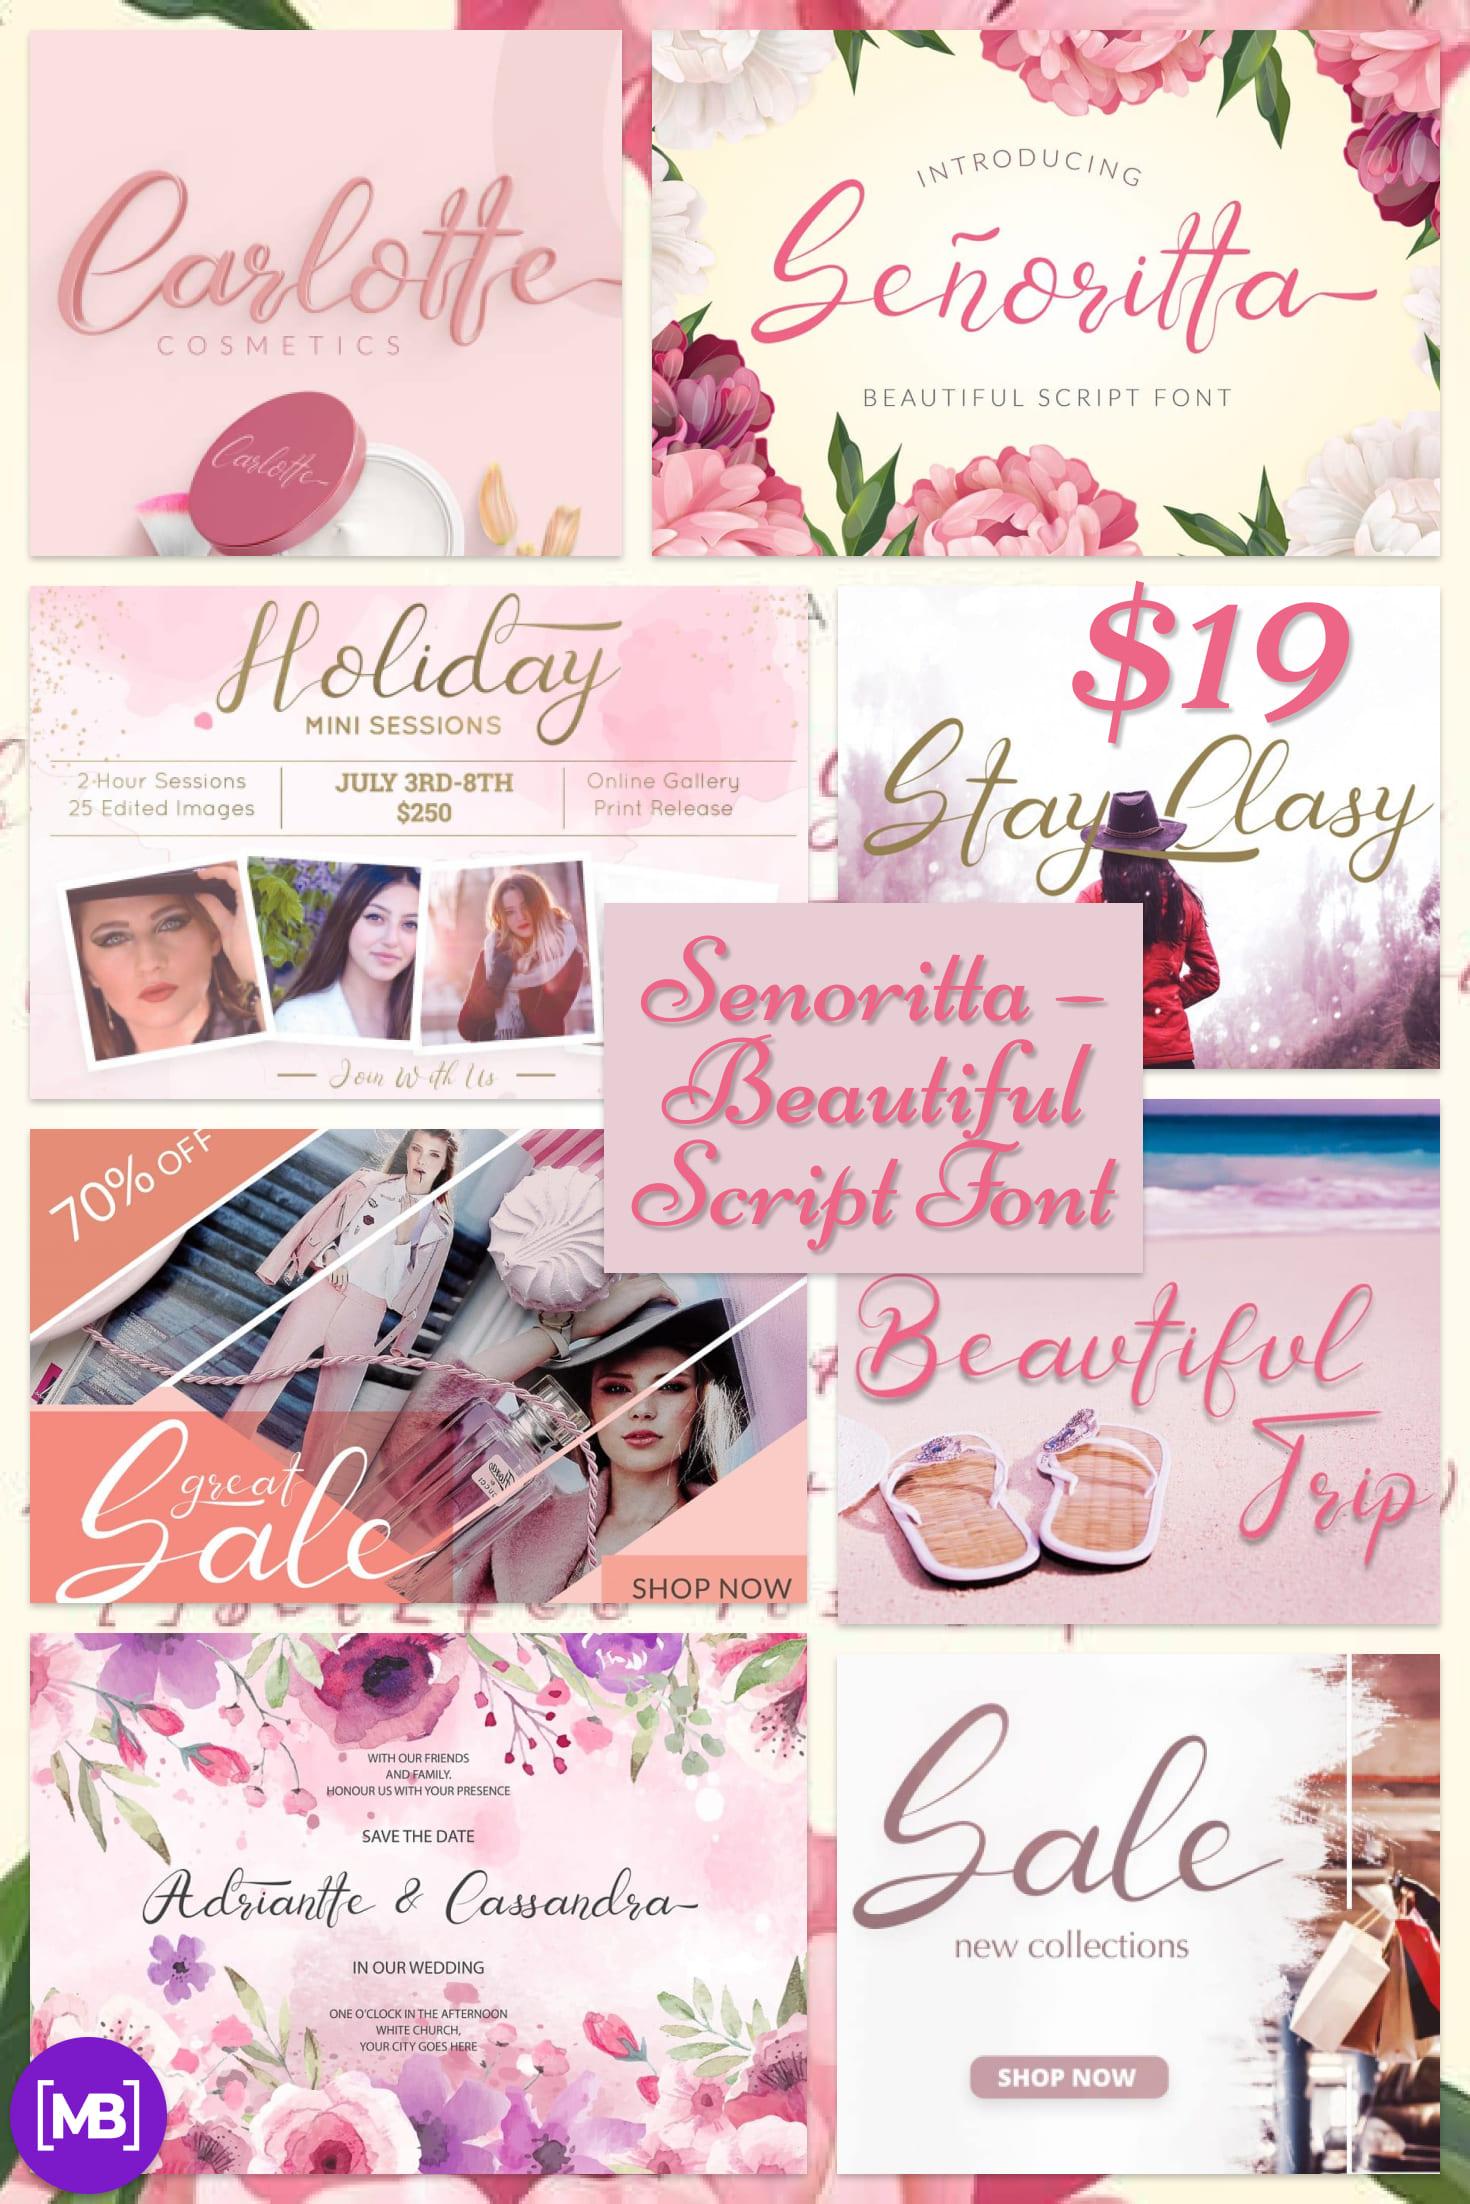 Pinterest Image: Senoritta - Beautiful Script Font - $3.